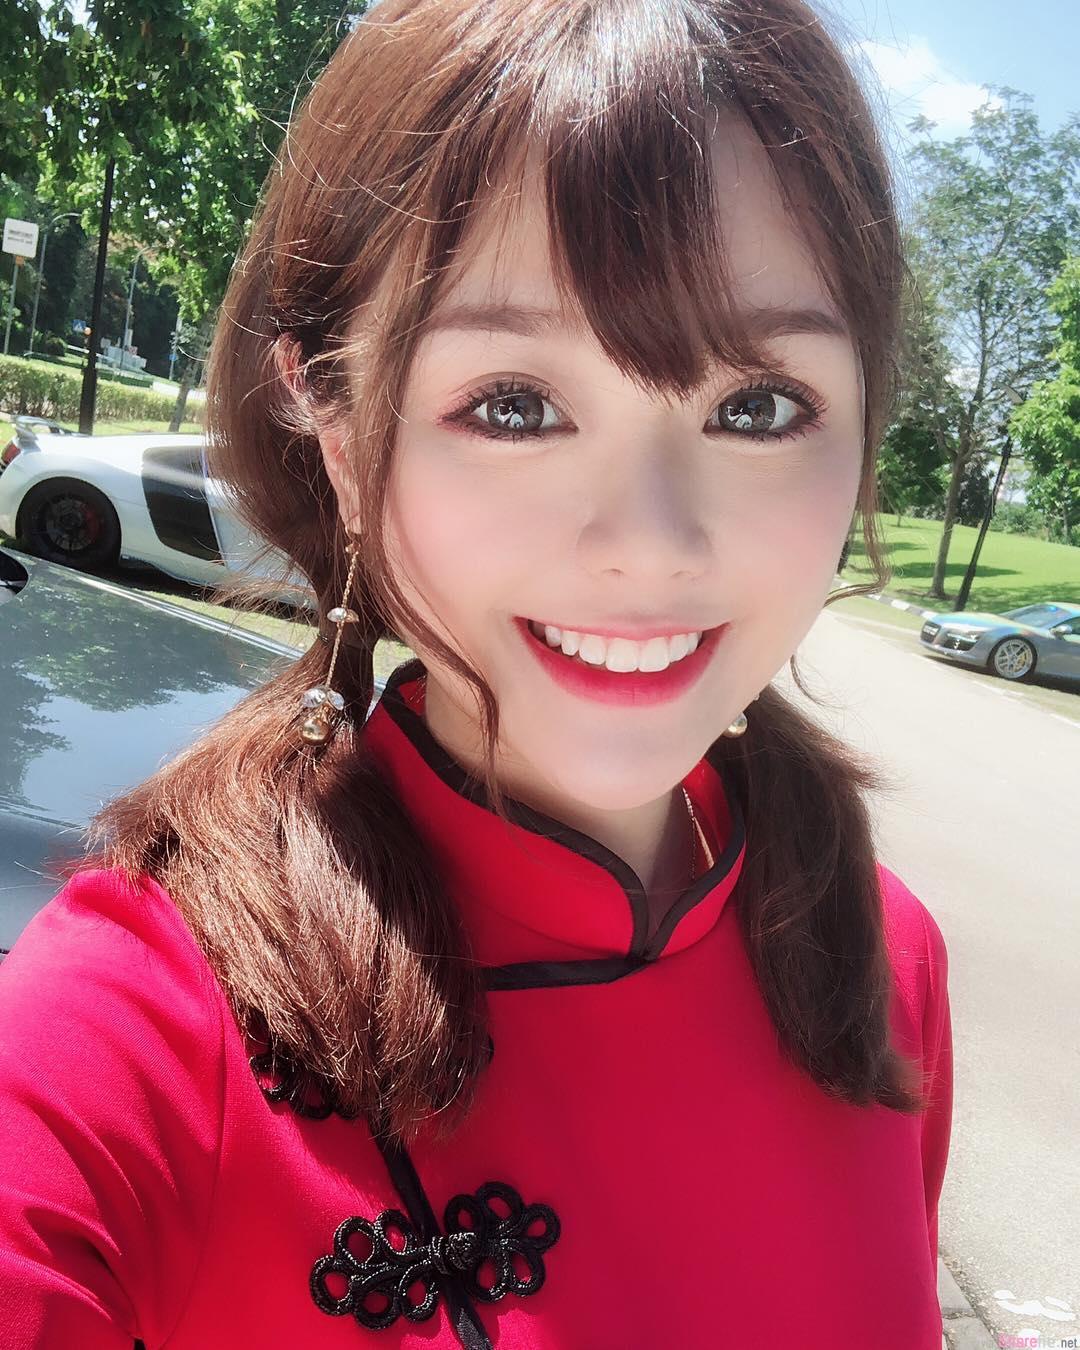 大马正妹Eve Khooa,笑容超甜还有一副好身材